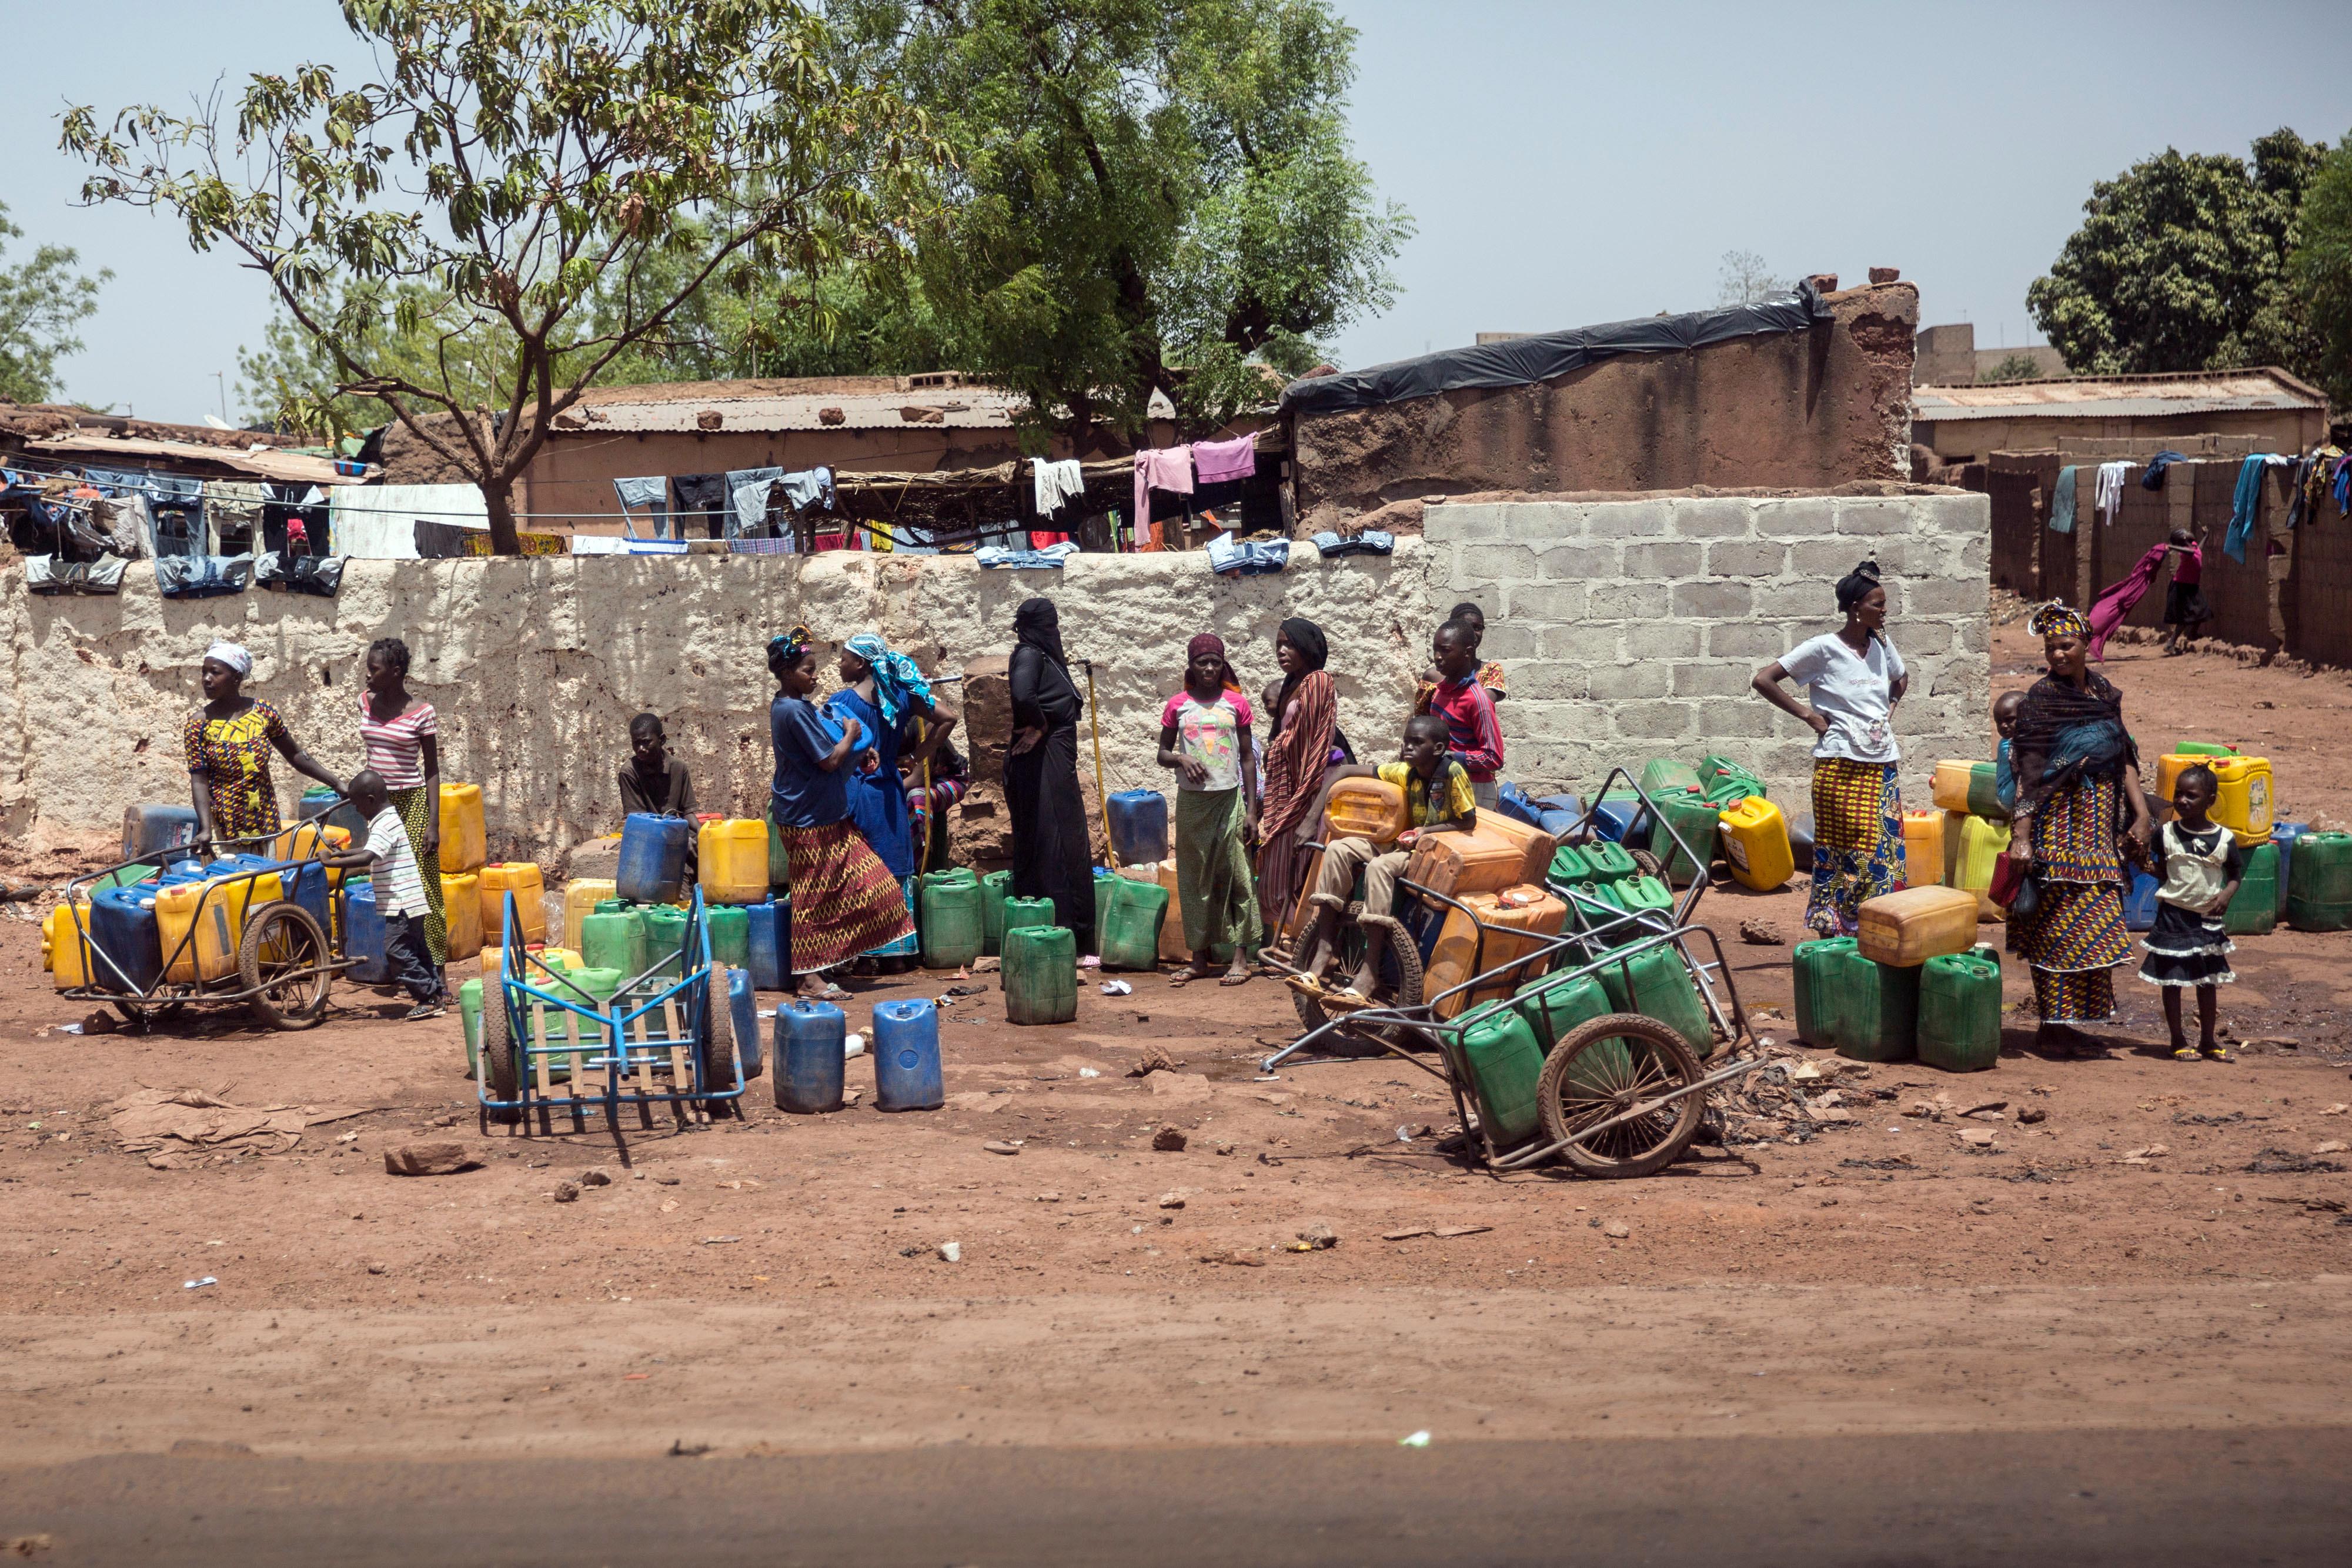 Frauen stehen mit Wasserkanistern an einer Straße in Bamako.